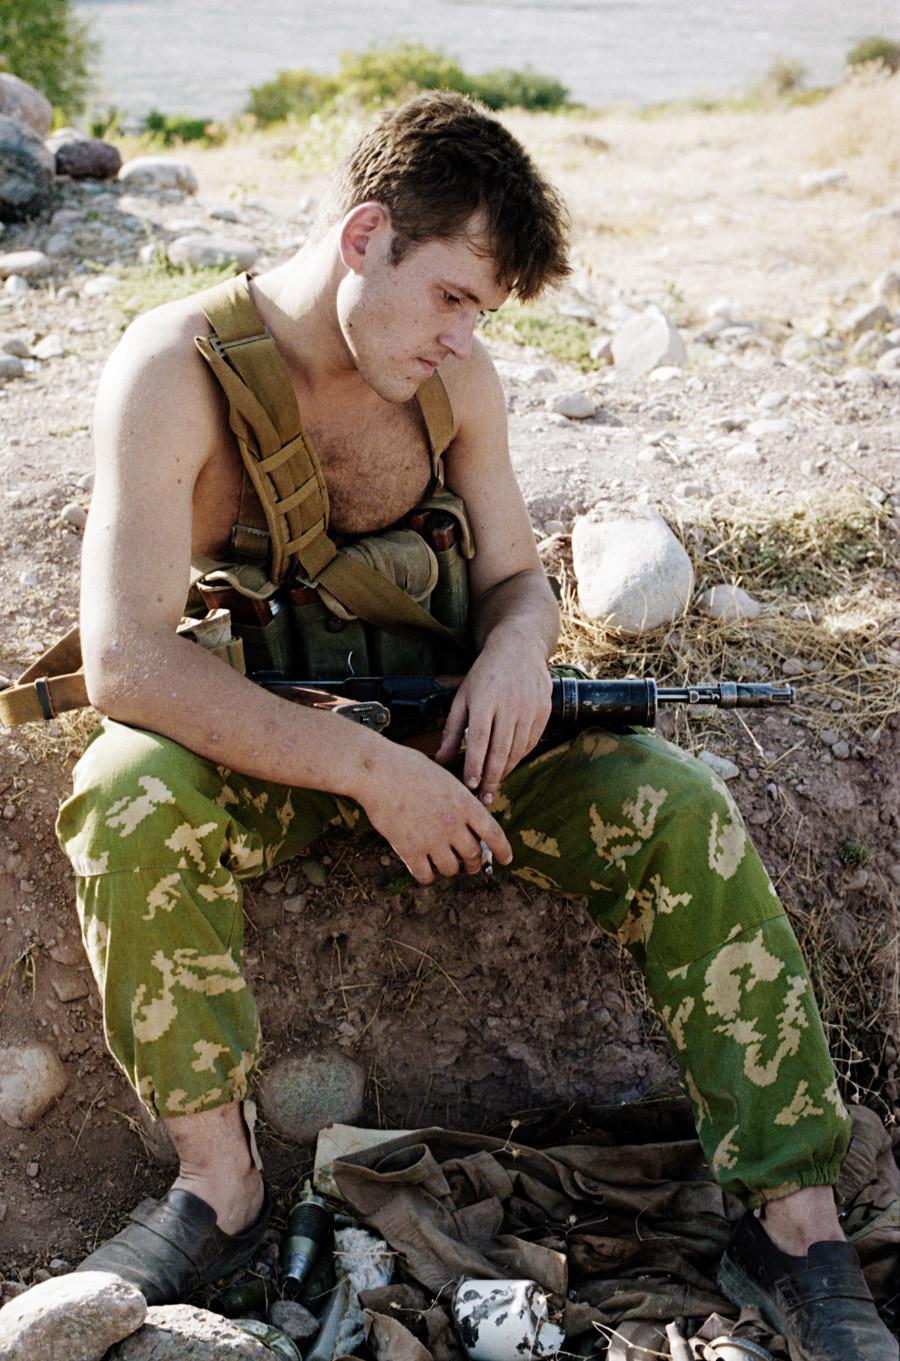 Vojak obmejne patrulje po izbruhu strelskega spopada na tadžikistansko-afganistanski meji